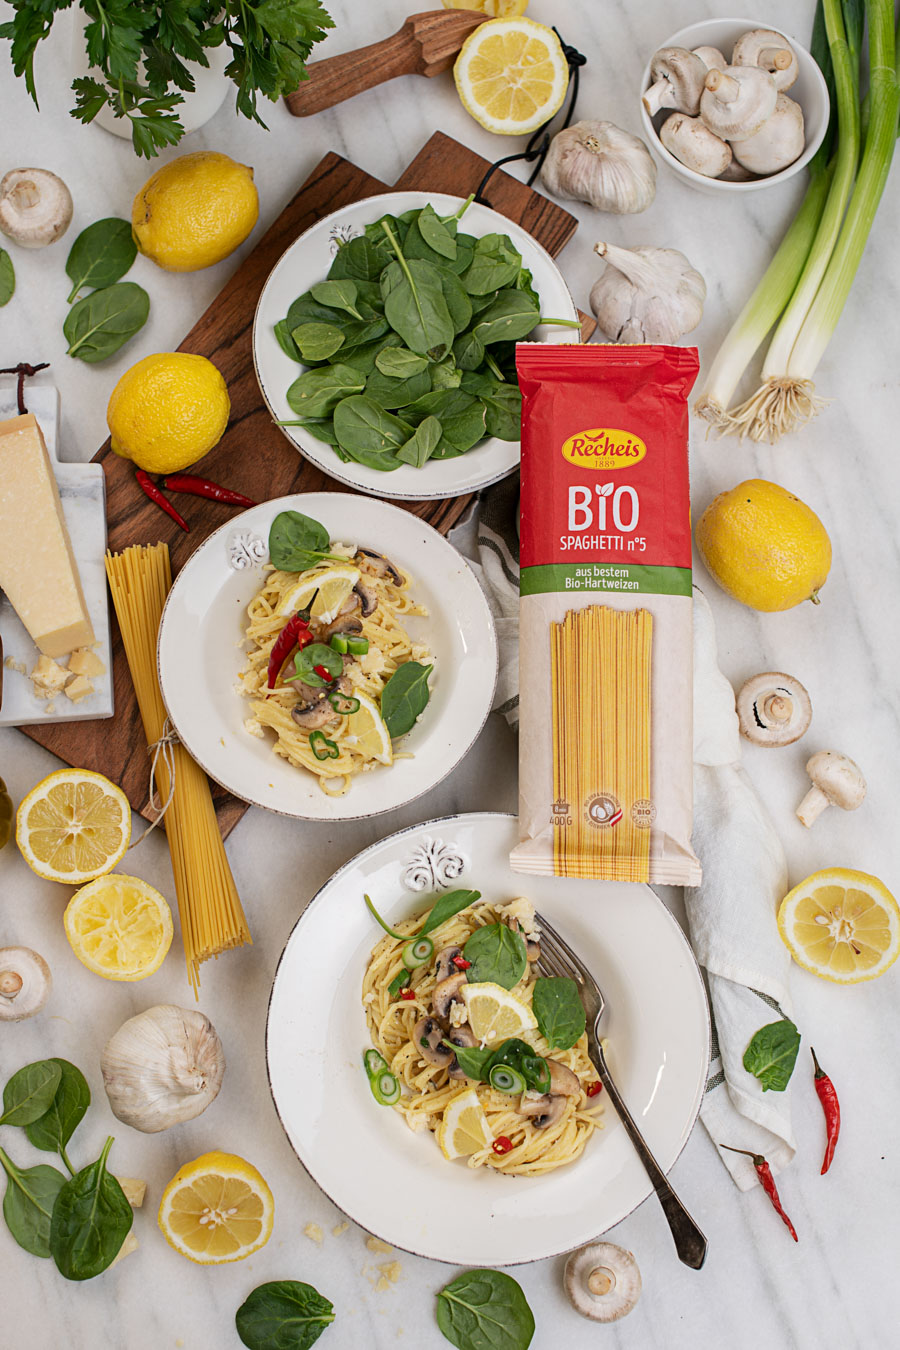 zitronennudeln-mit-champignons-und-spinat-rezept